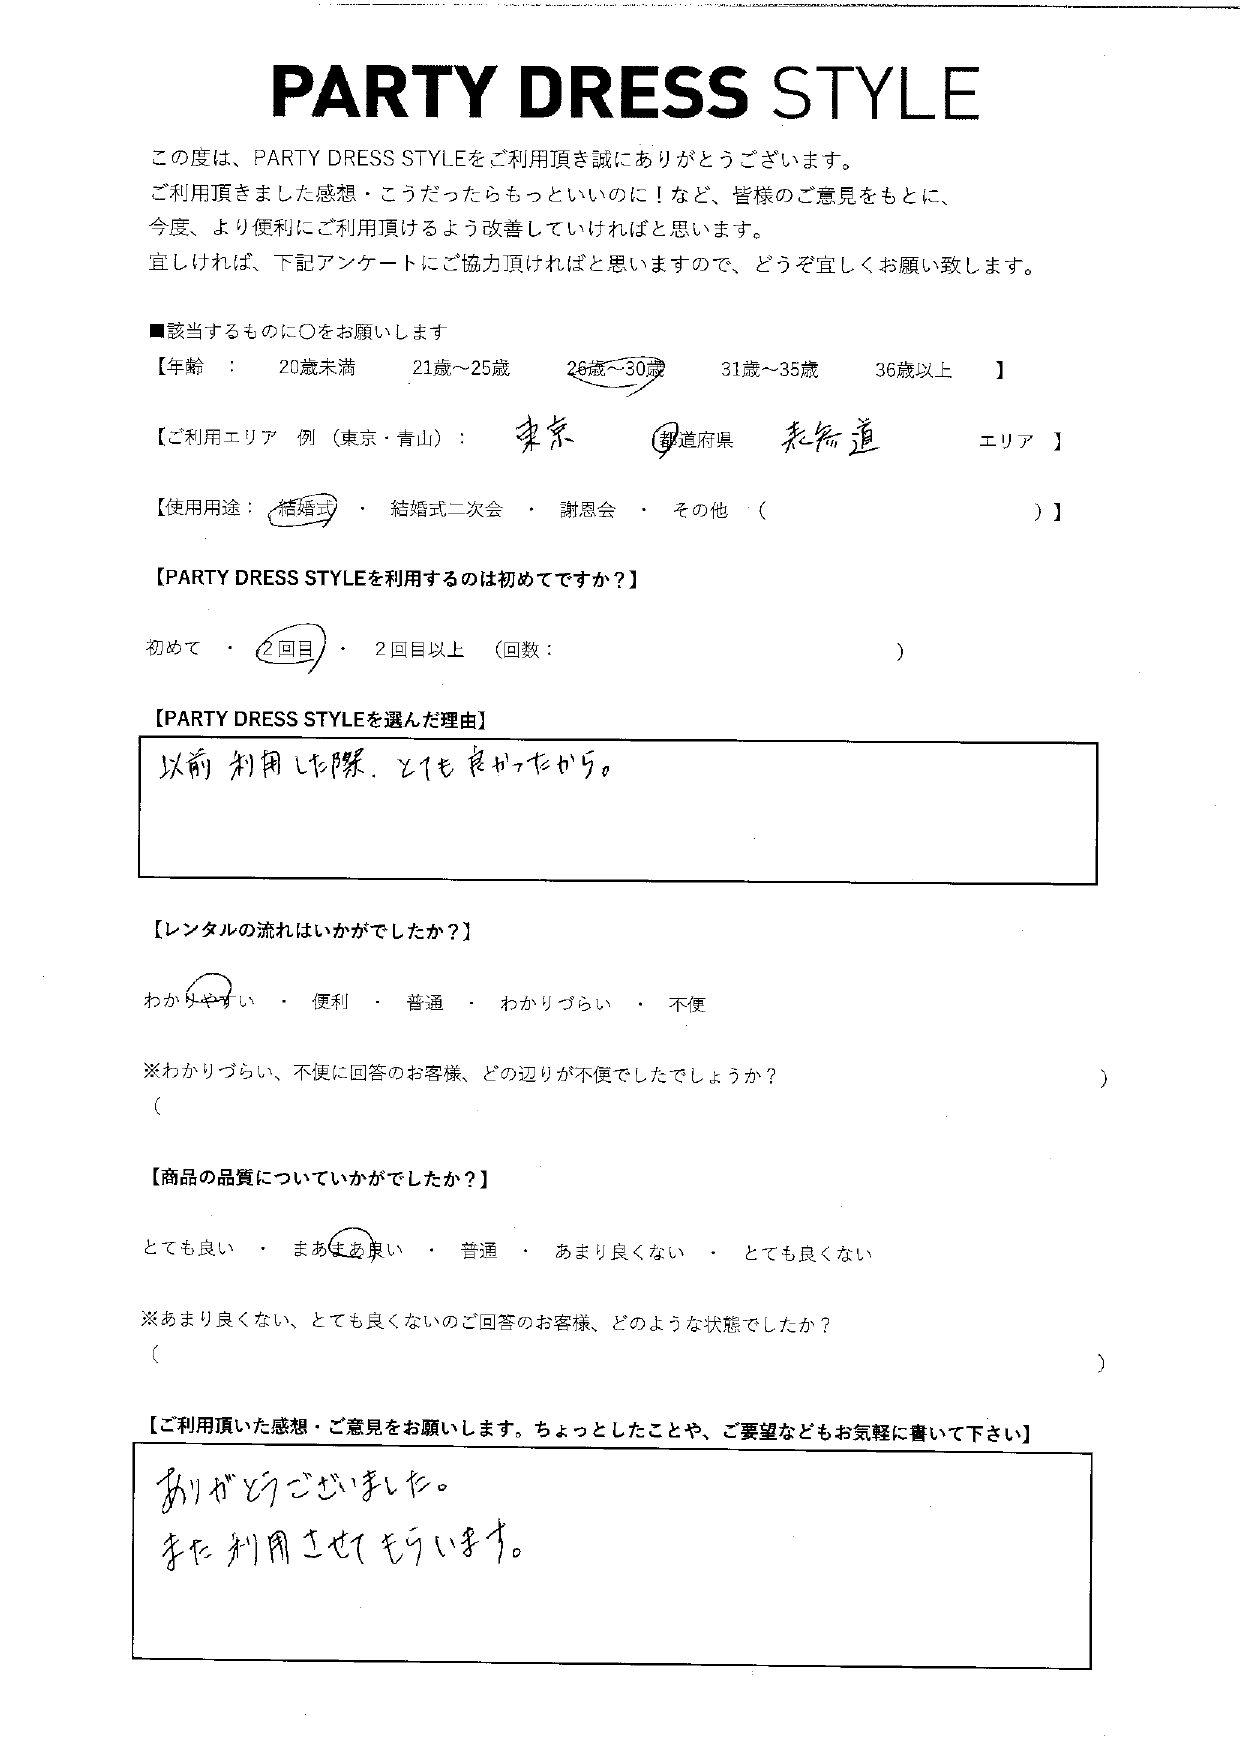 6/12結婚式ご利用 東京・表参道エリア